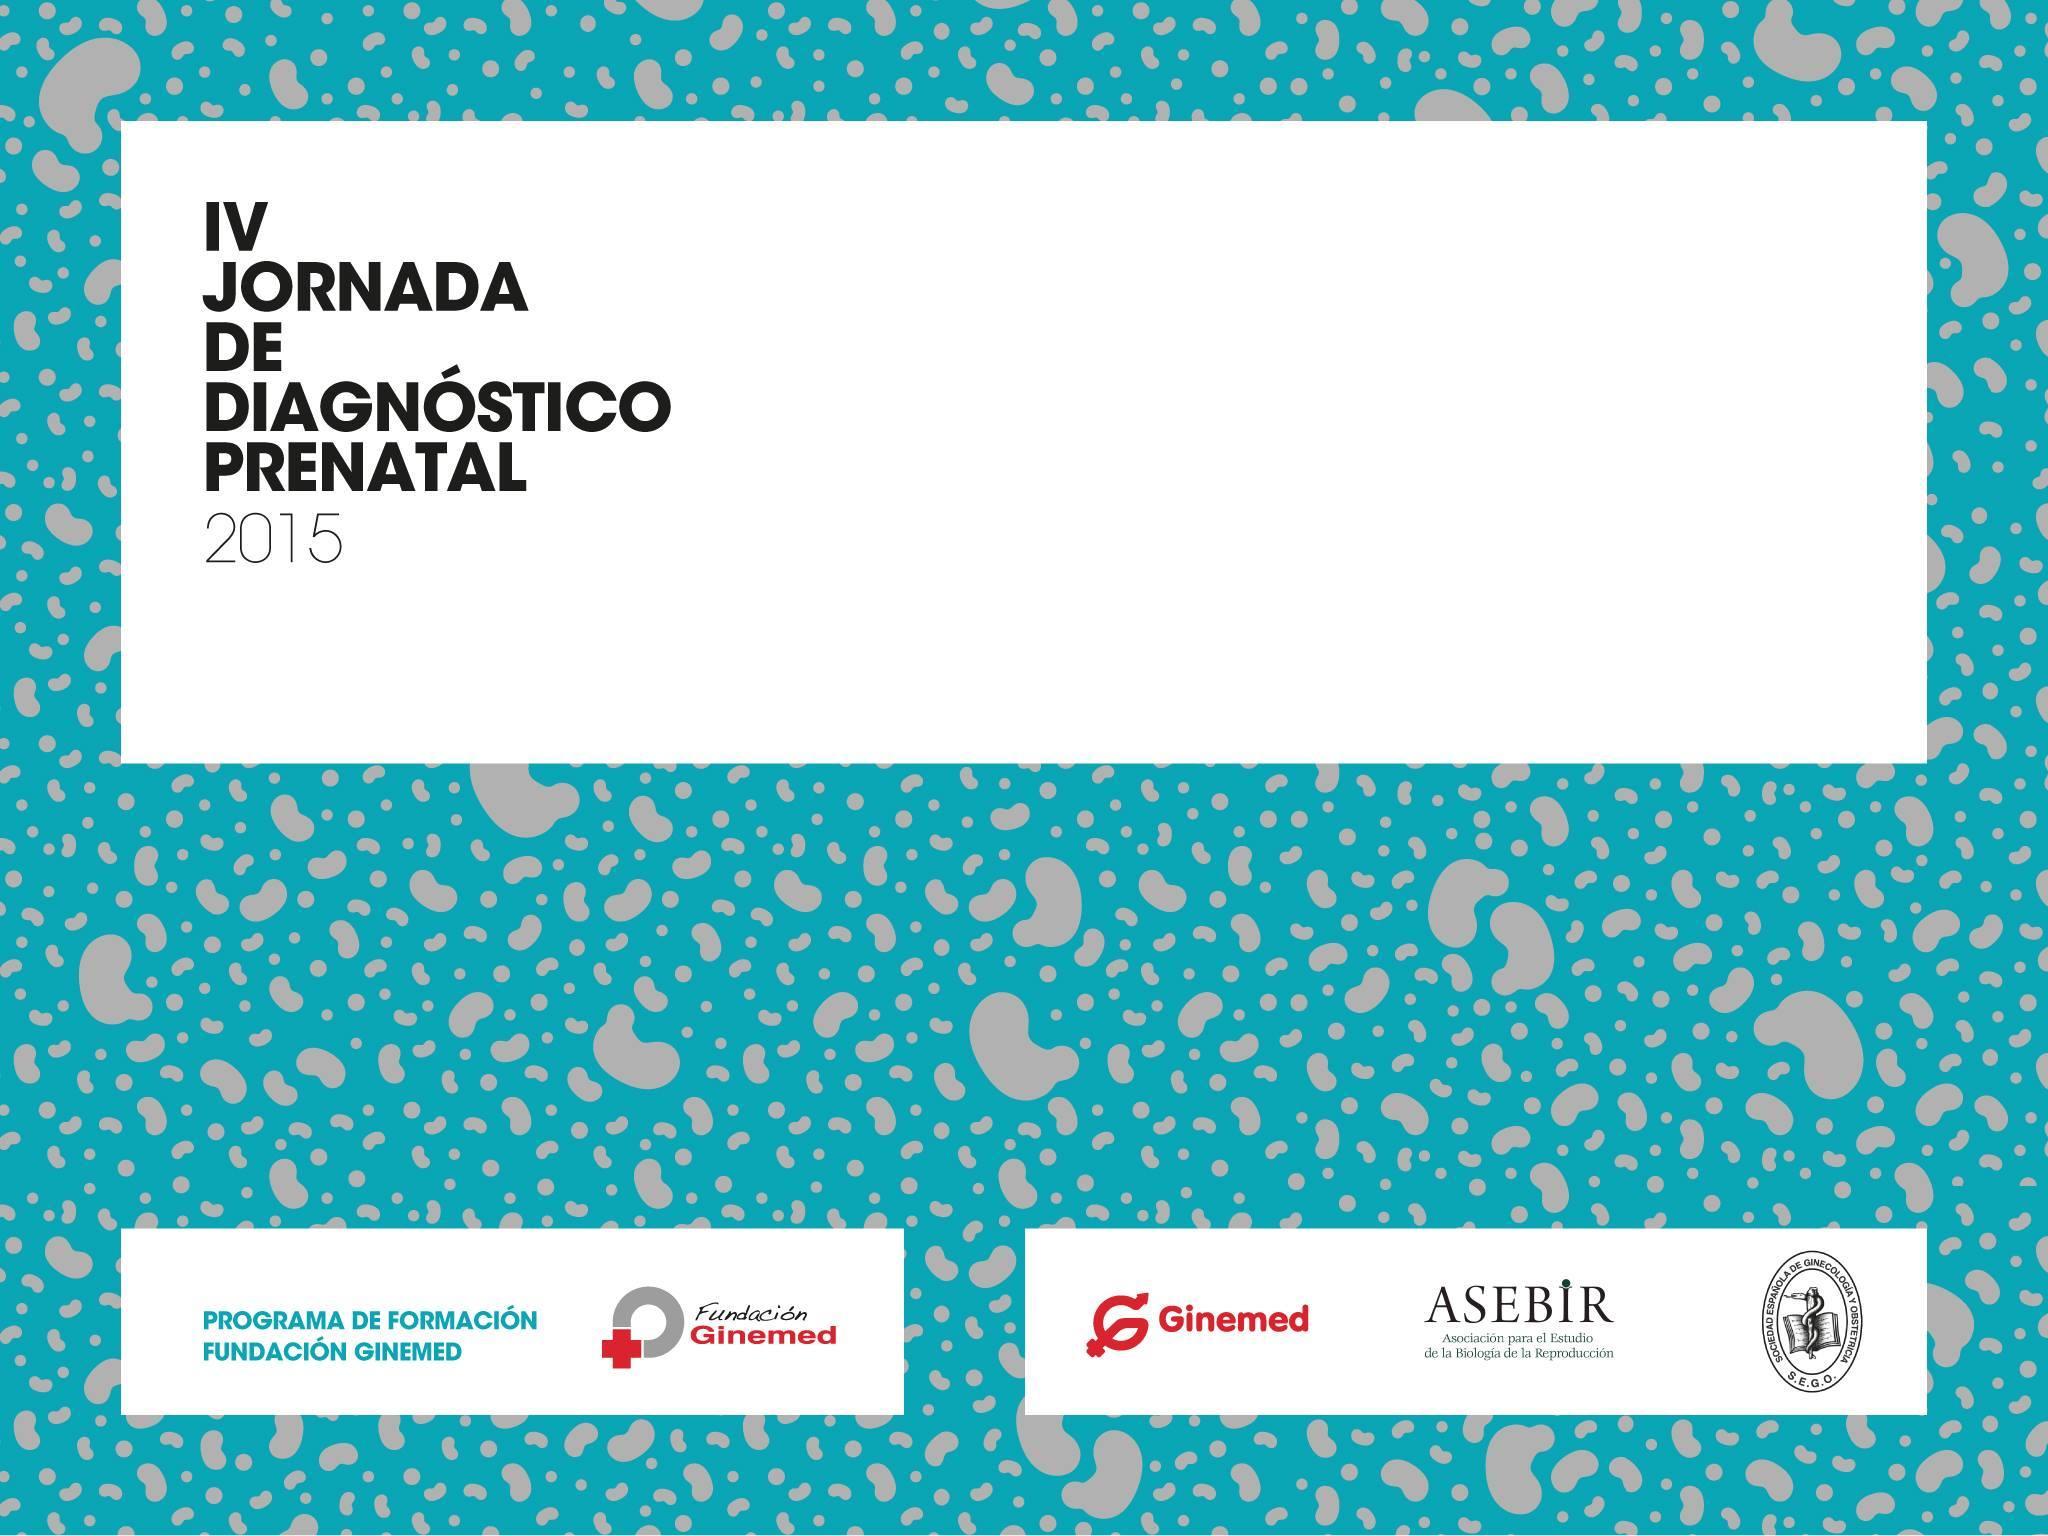 Cartel IV Jornada de diagnóstico prenatal 2015